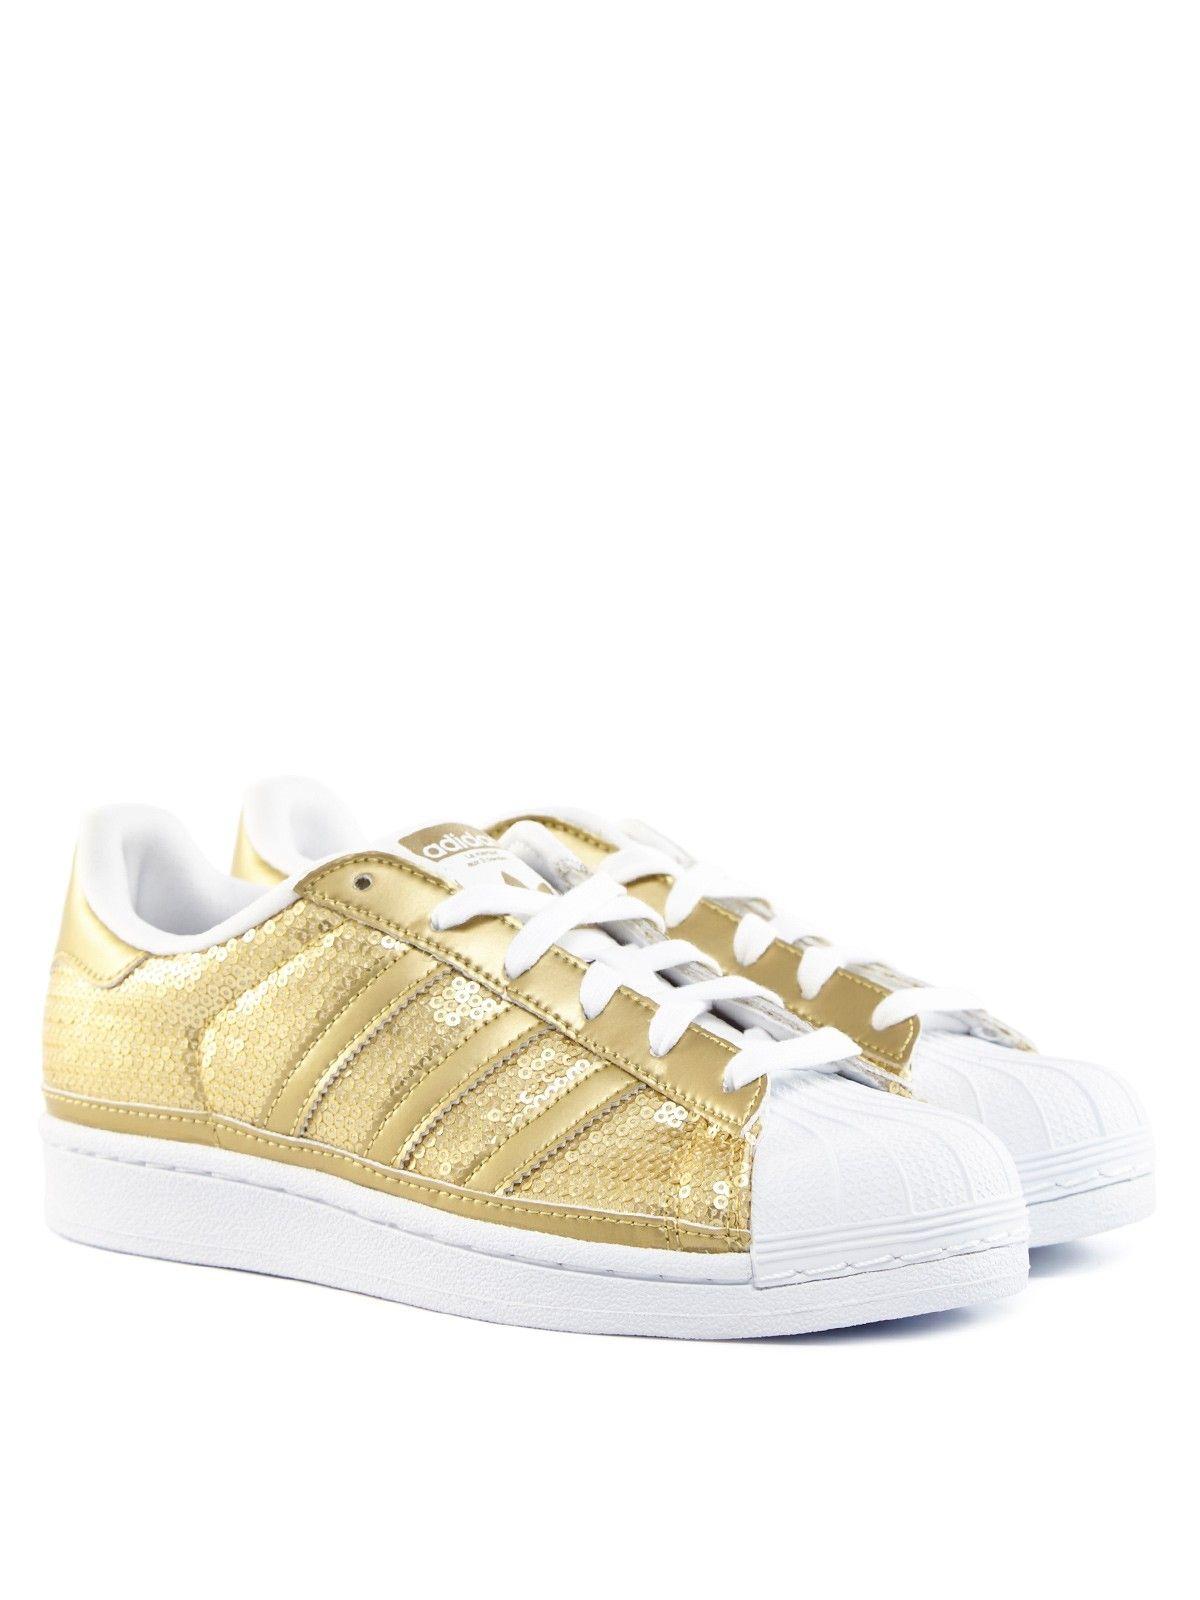 ADIDAS Superstar W Sneaker Gold online kaufen Trendfabrik